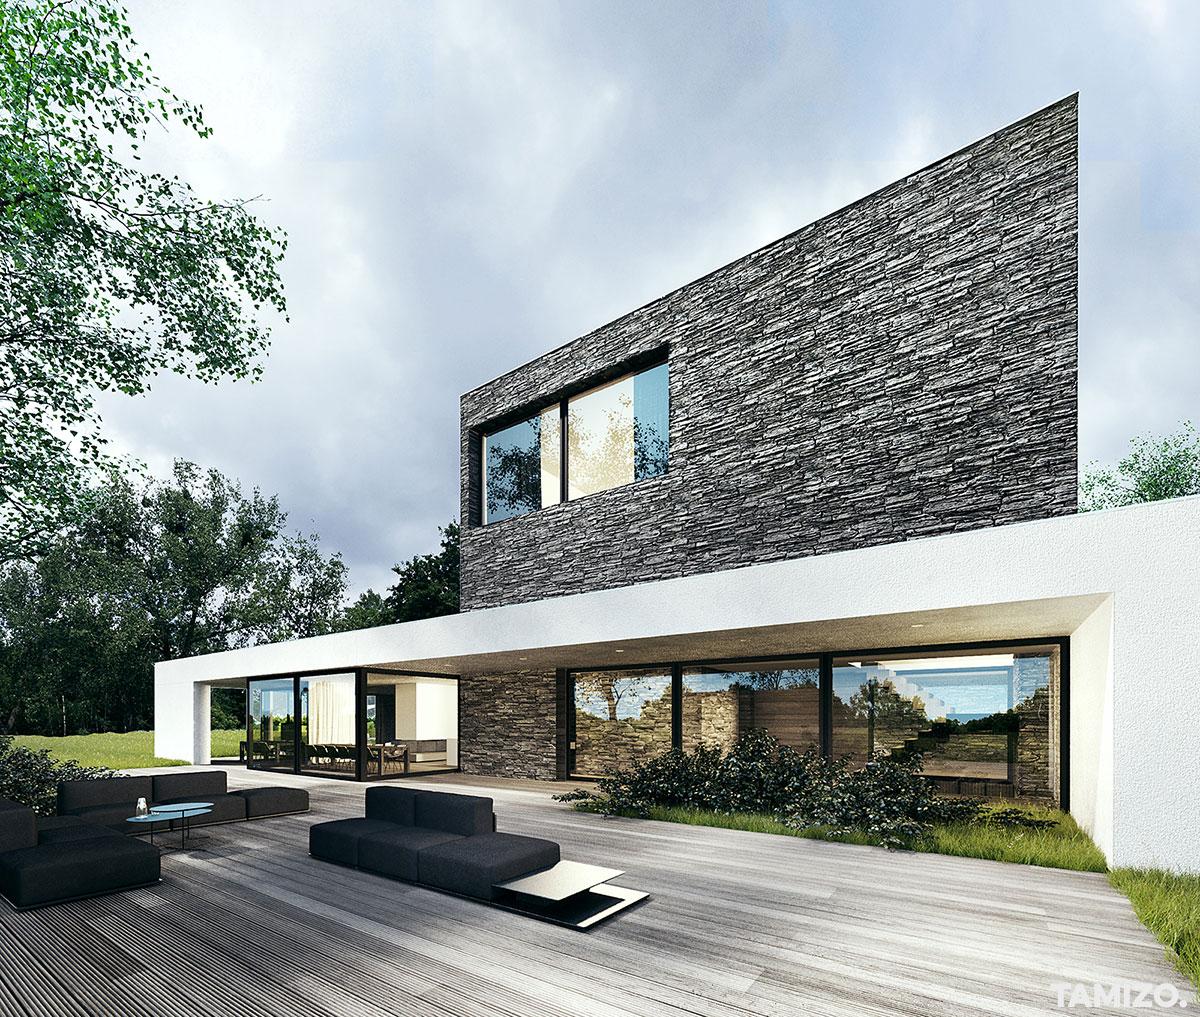 A067_architektura_tamizo_projekt_dom_wieza_rezydencja_minimal_house_design_rzeszow_03